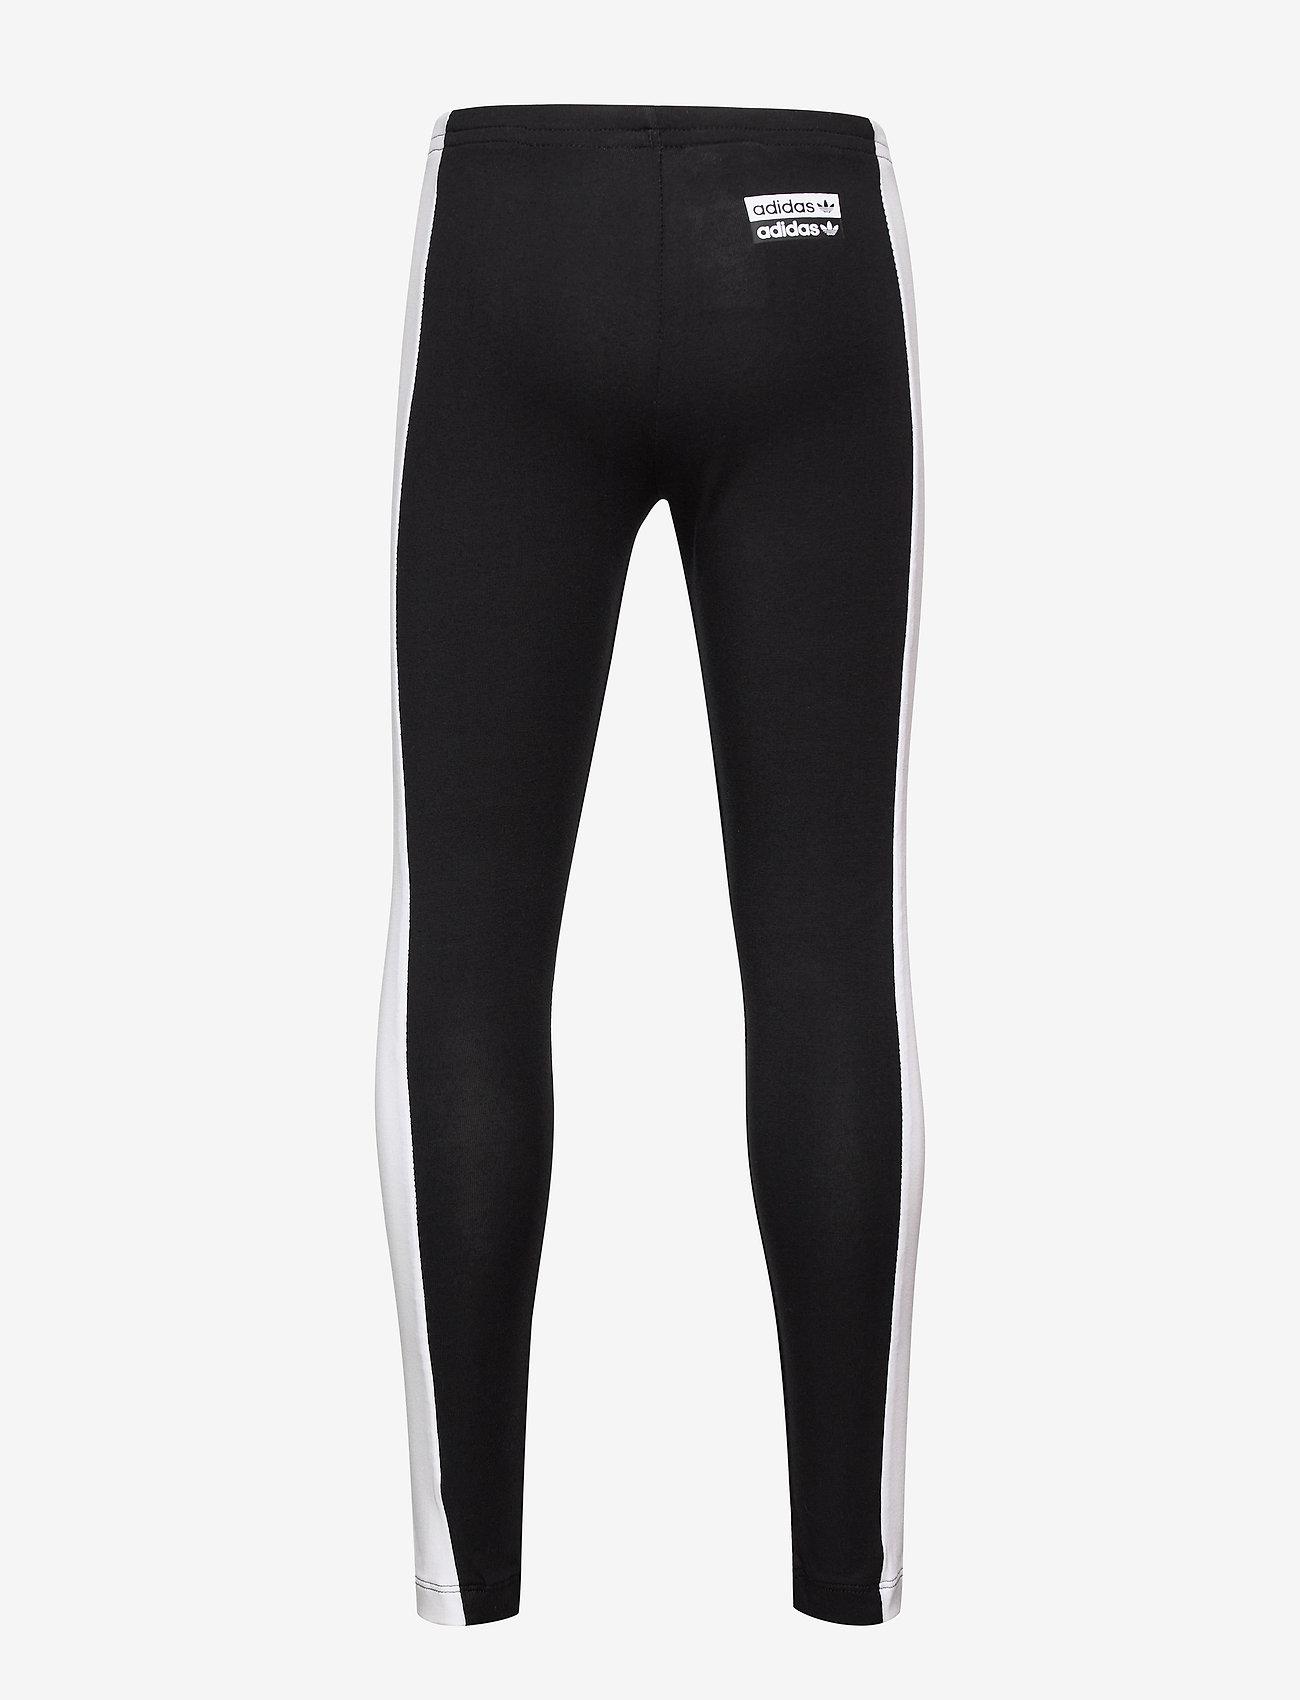 Adidas Originals Leggings - Nederdelar Black/white